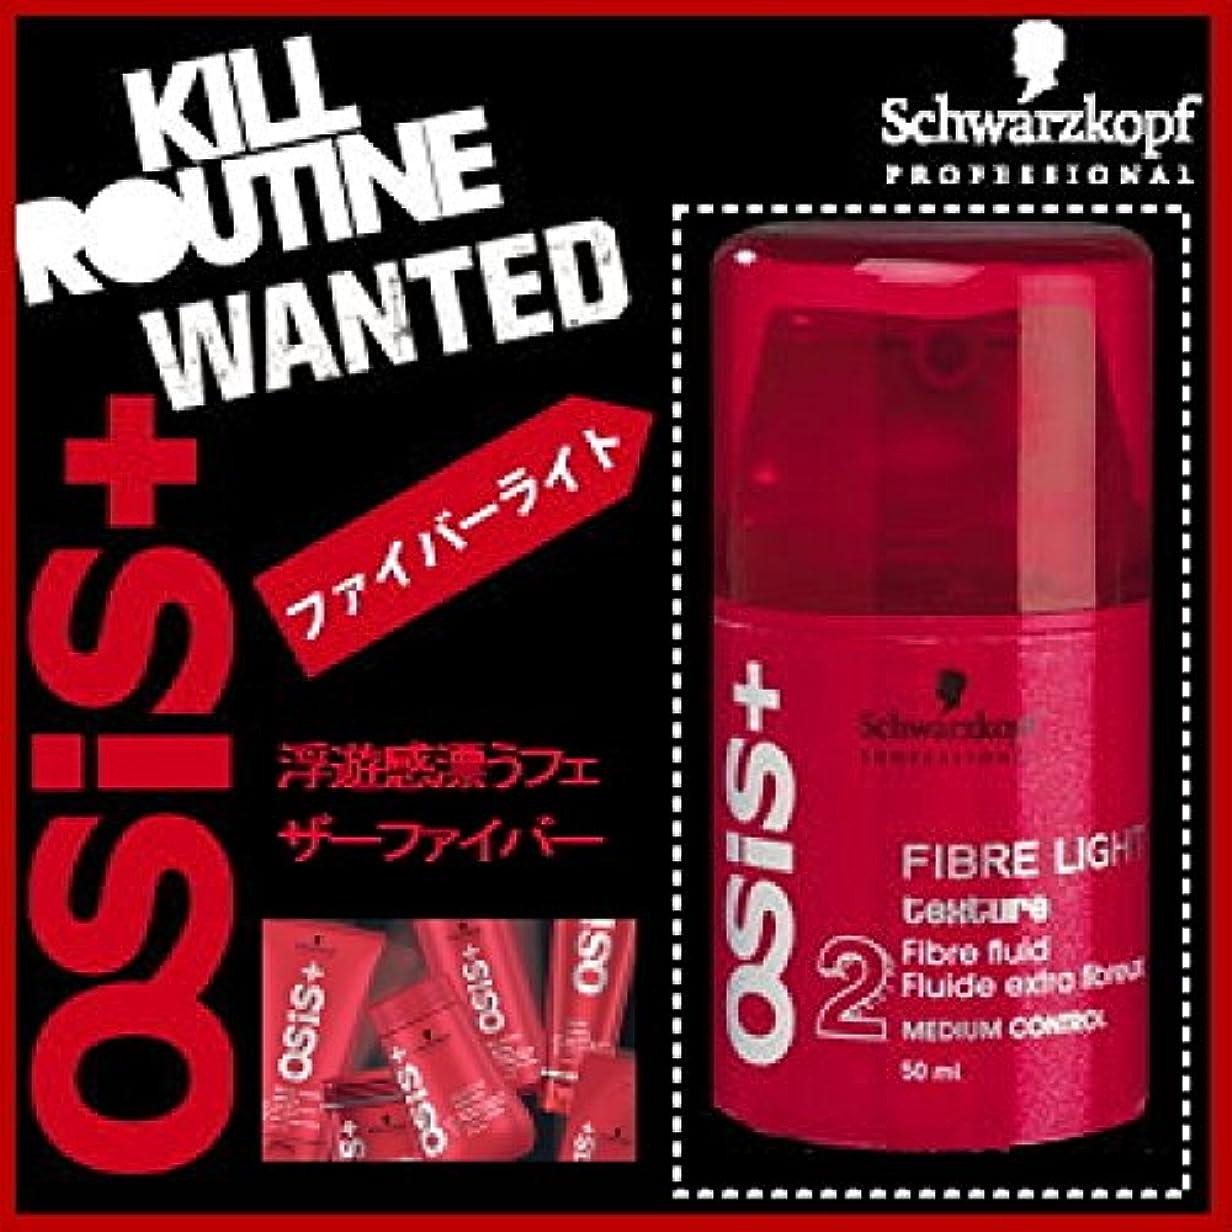 デクリメントゆるい預言者【シュワルツコフ osis+】ファイバーライト(フェザーファイバー)50g